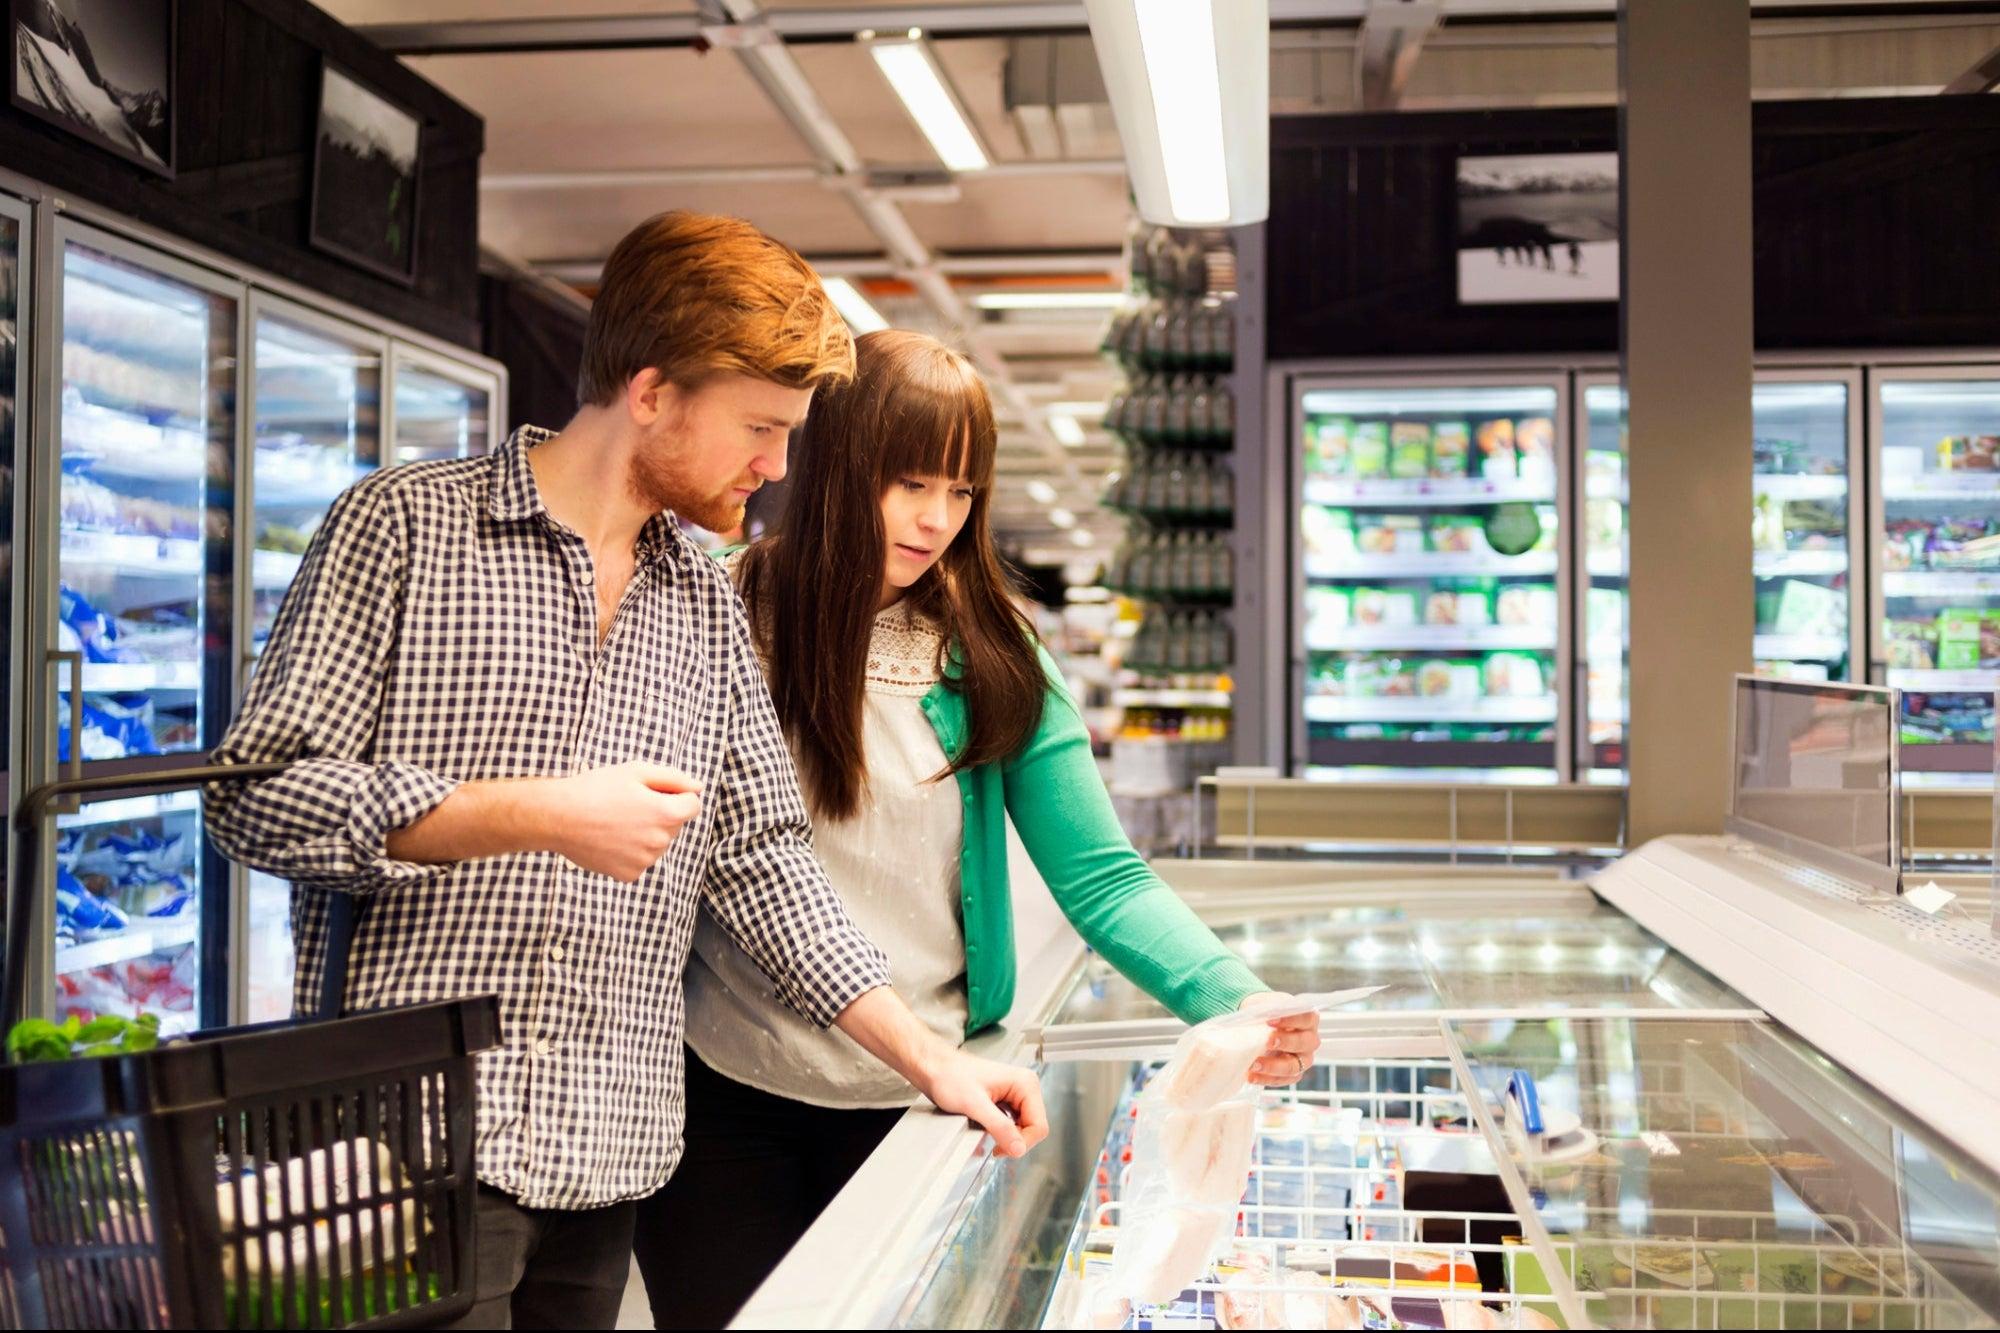 Con base en plantas: el pasillo de alimentos congelados se está volviendo vegano, orgánico y nutritivo